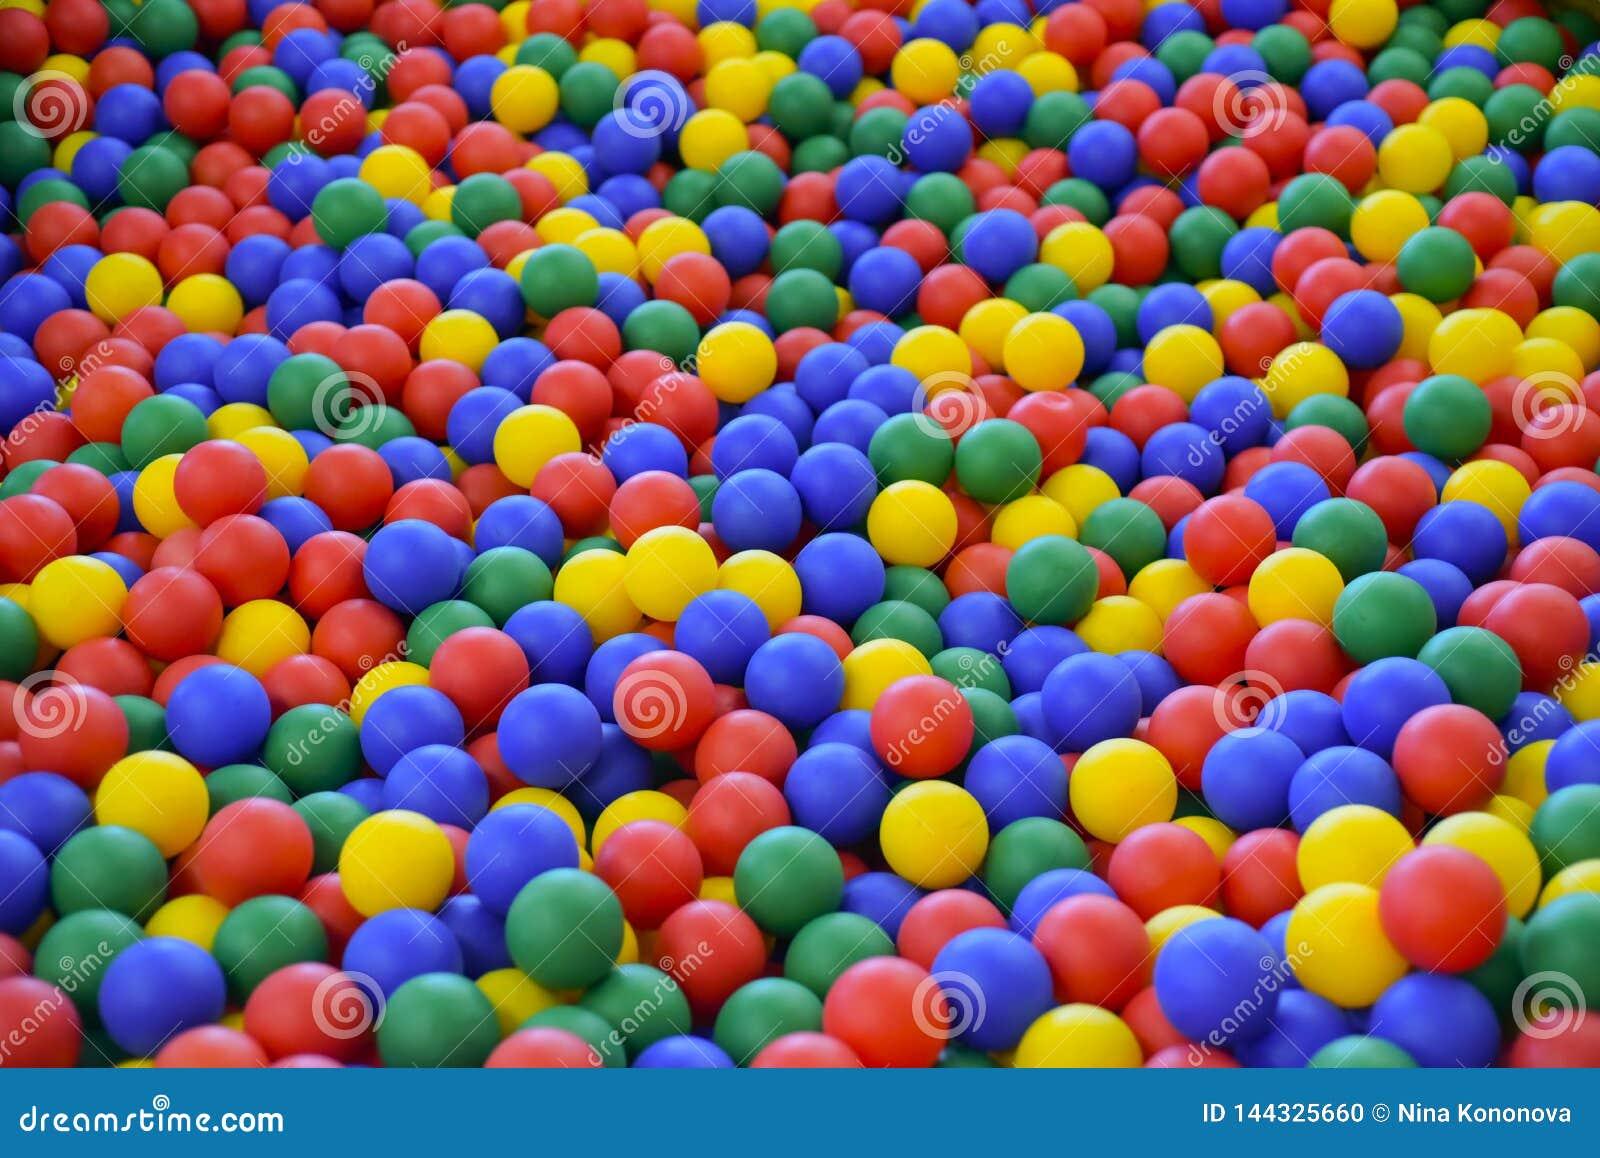 Balkleur voor kind Vele kleurrijke plastic ballen Kindruimte Gekleurde plastic stuk speelgoed ballen van verschillende kleur voor